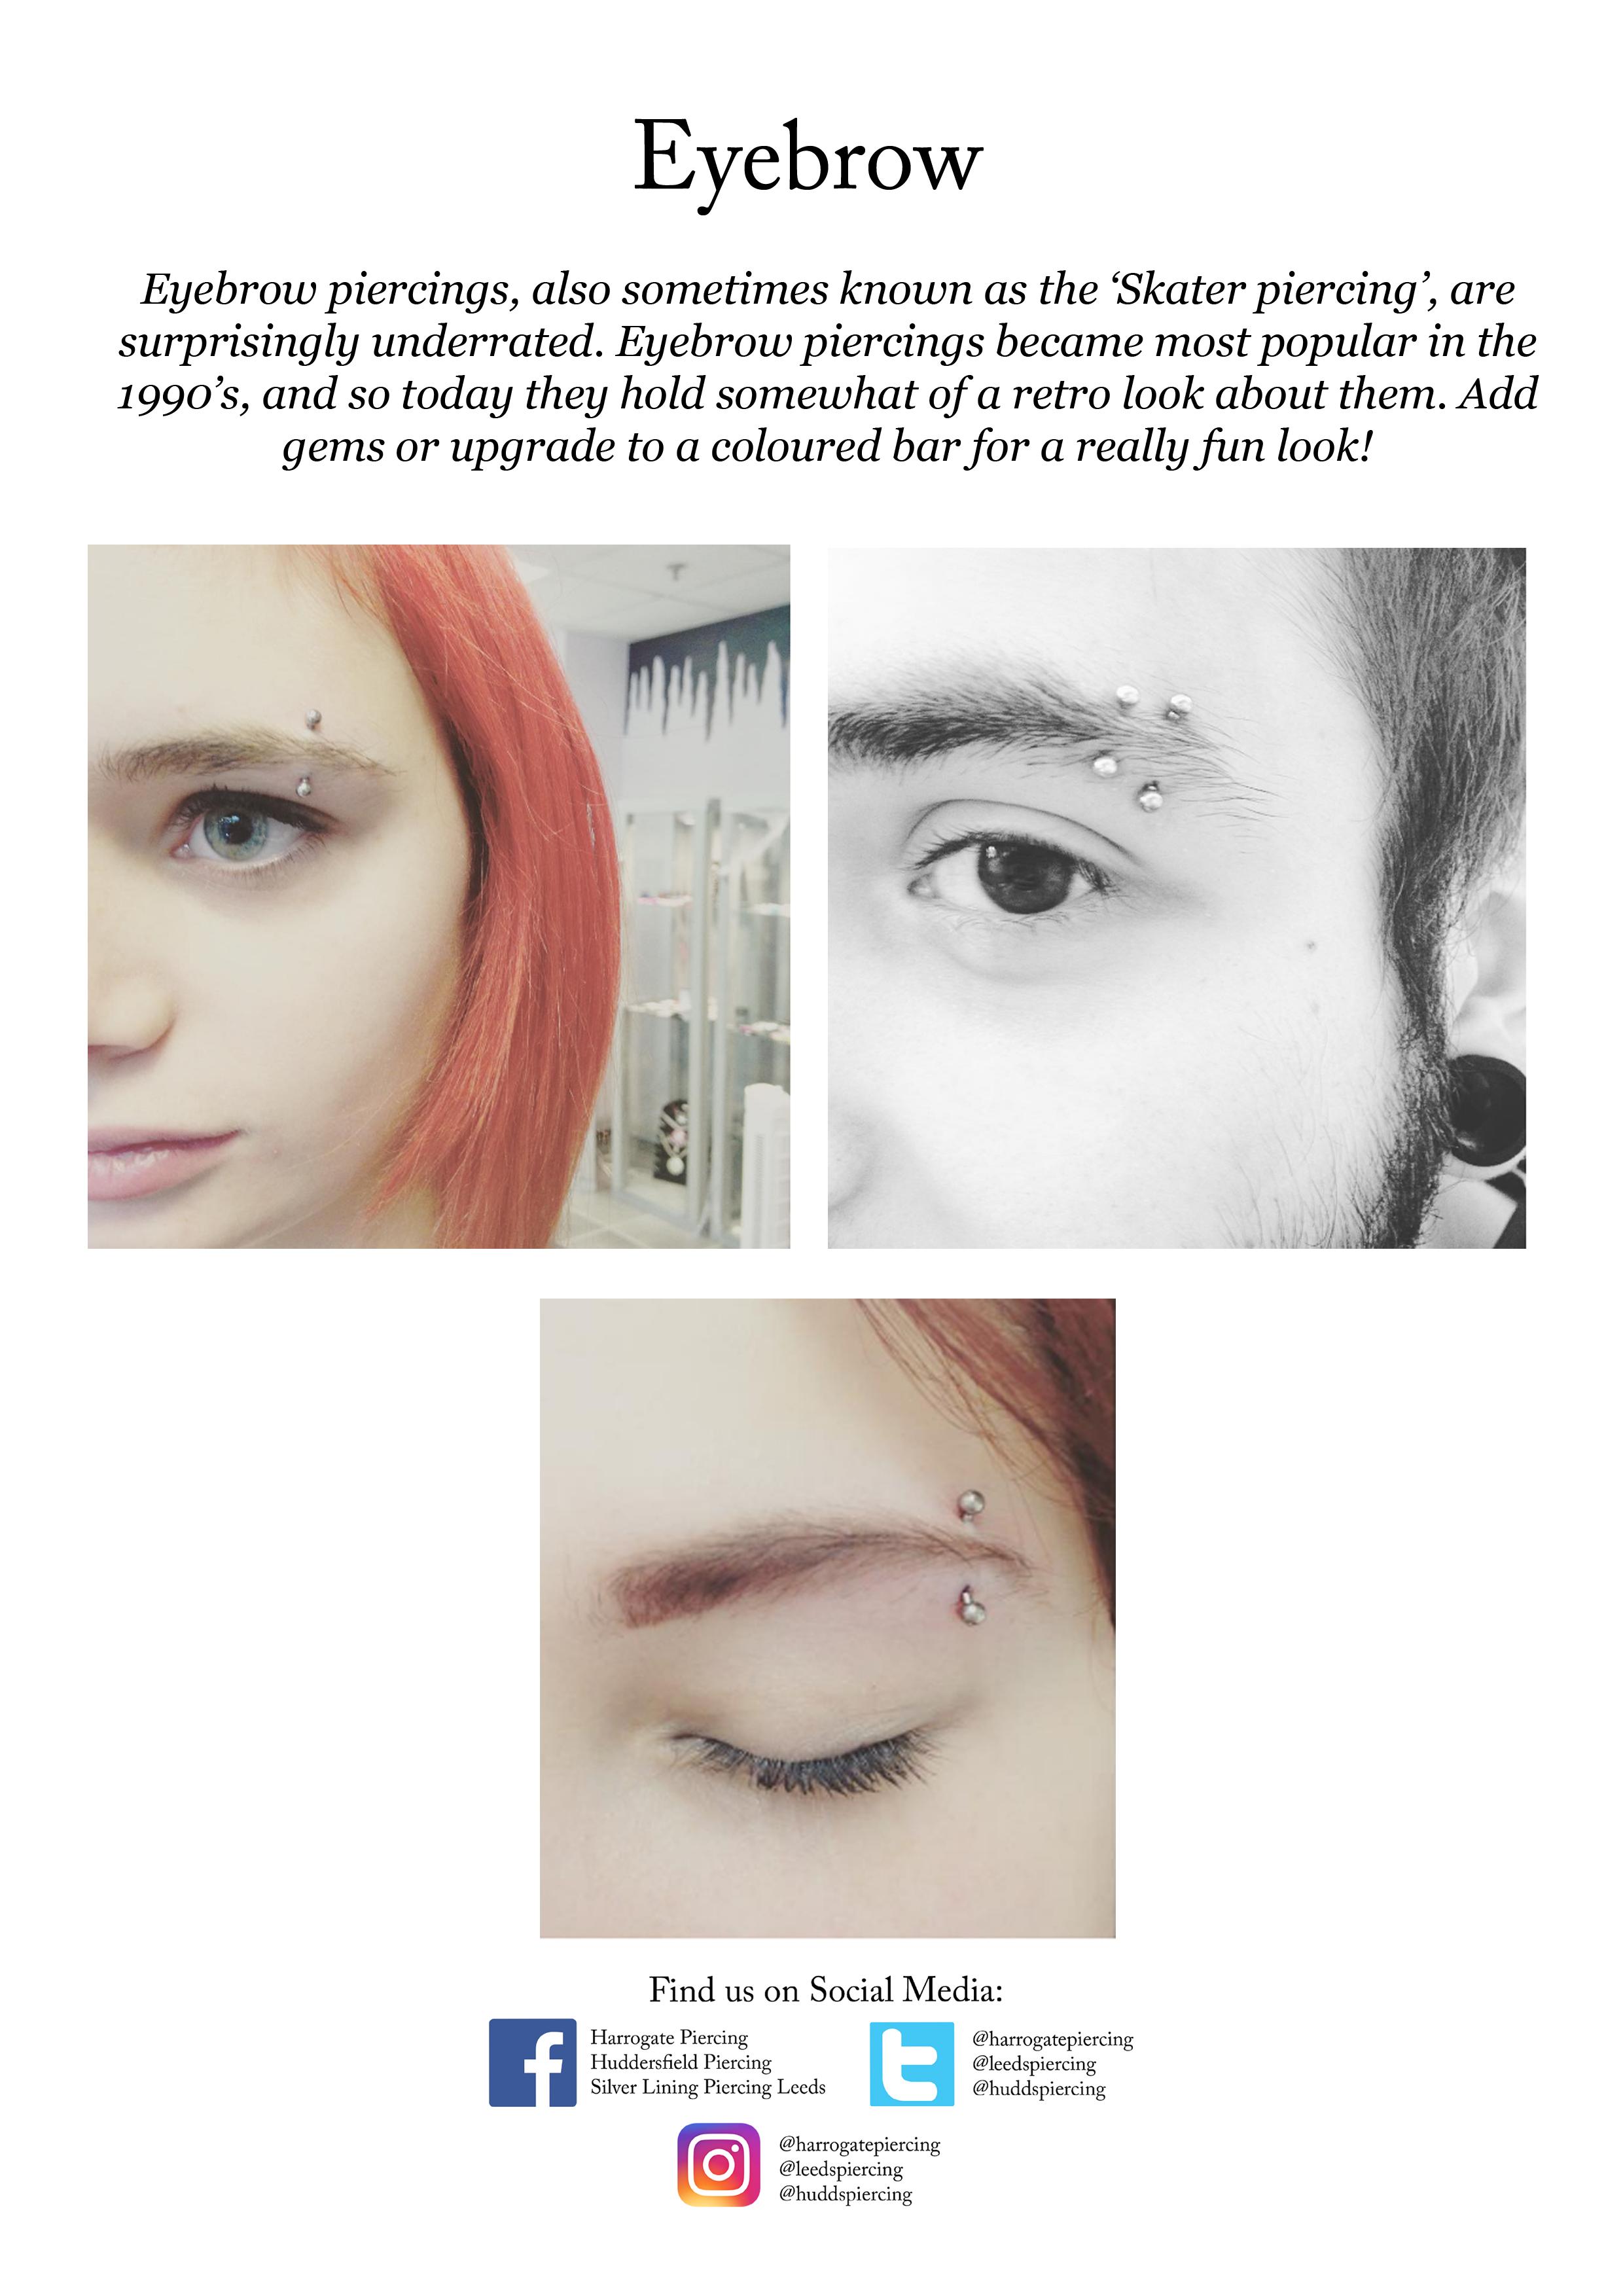 EyebrowPiercingPage.png